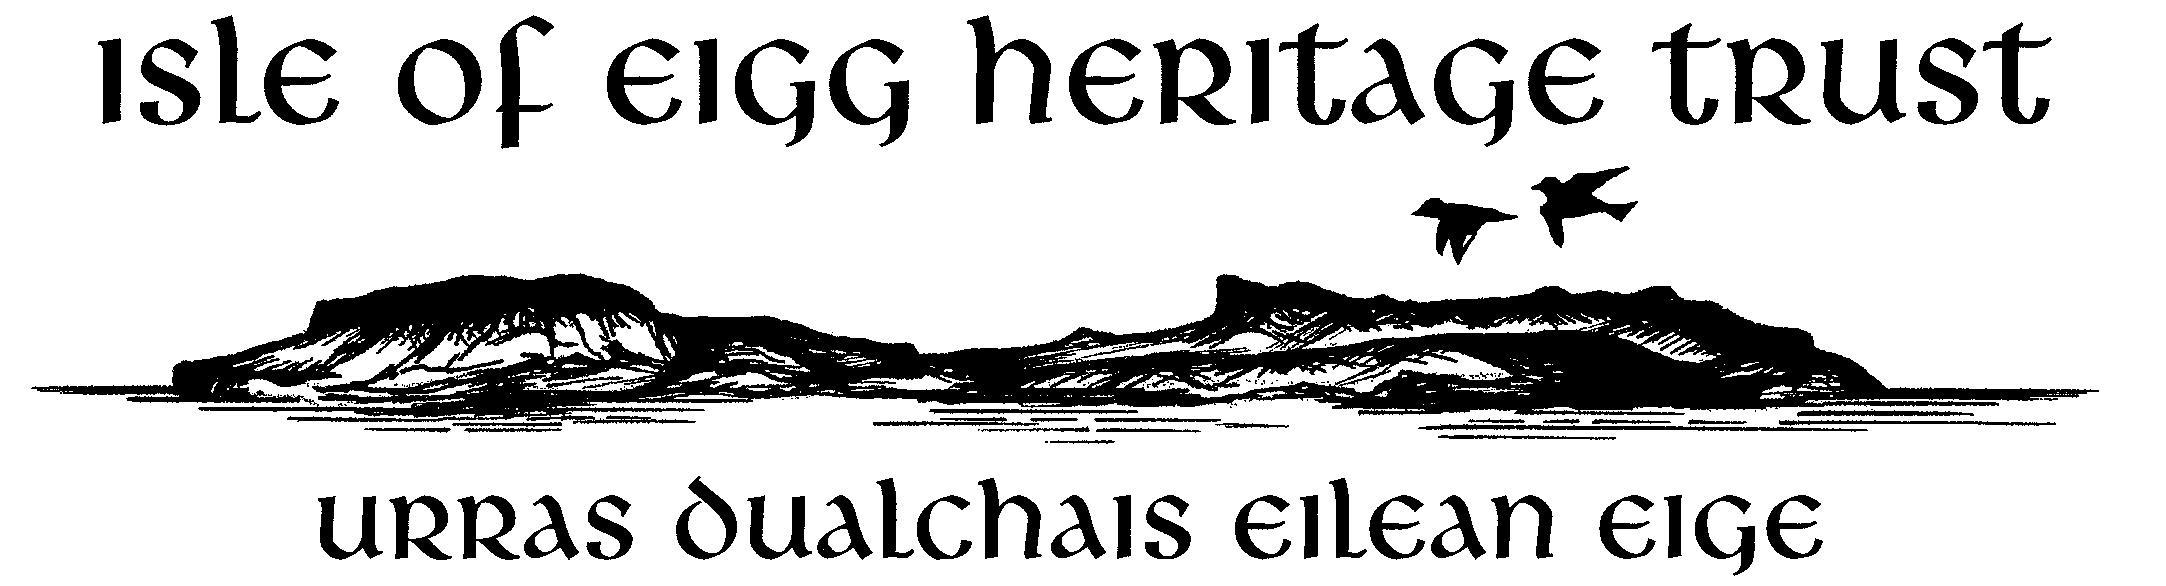 Isle of Eigg HT.jpg